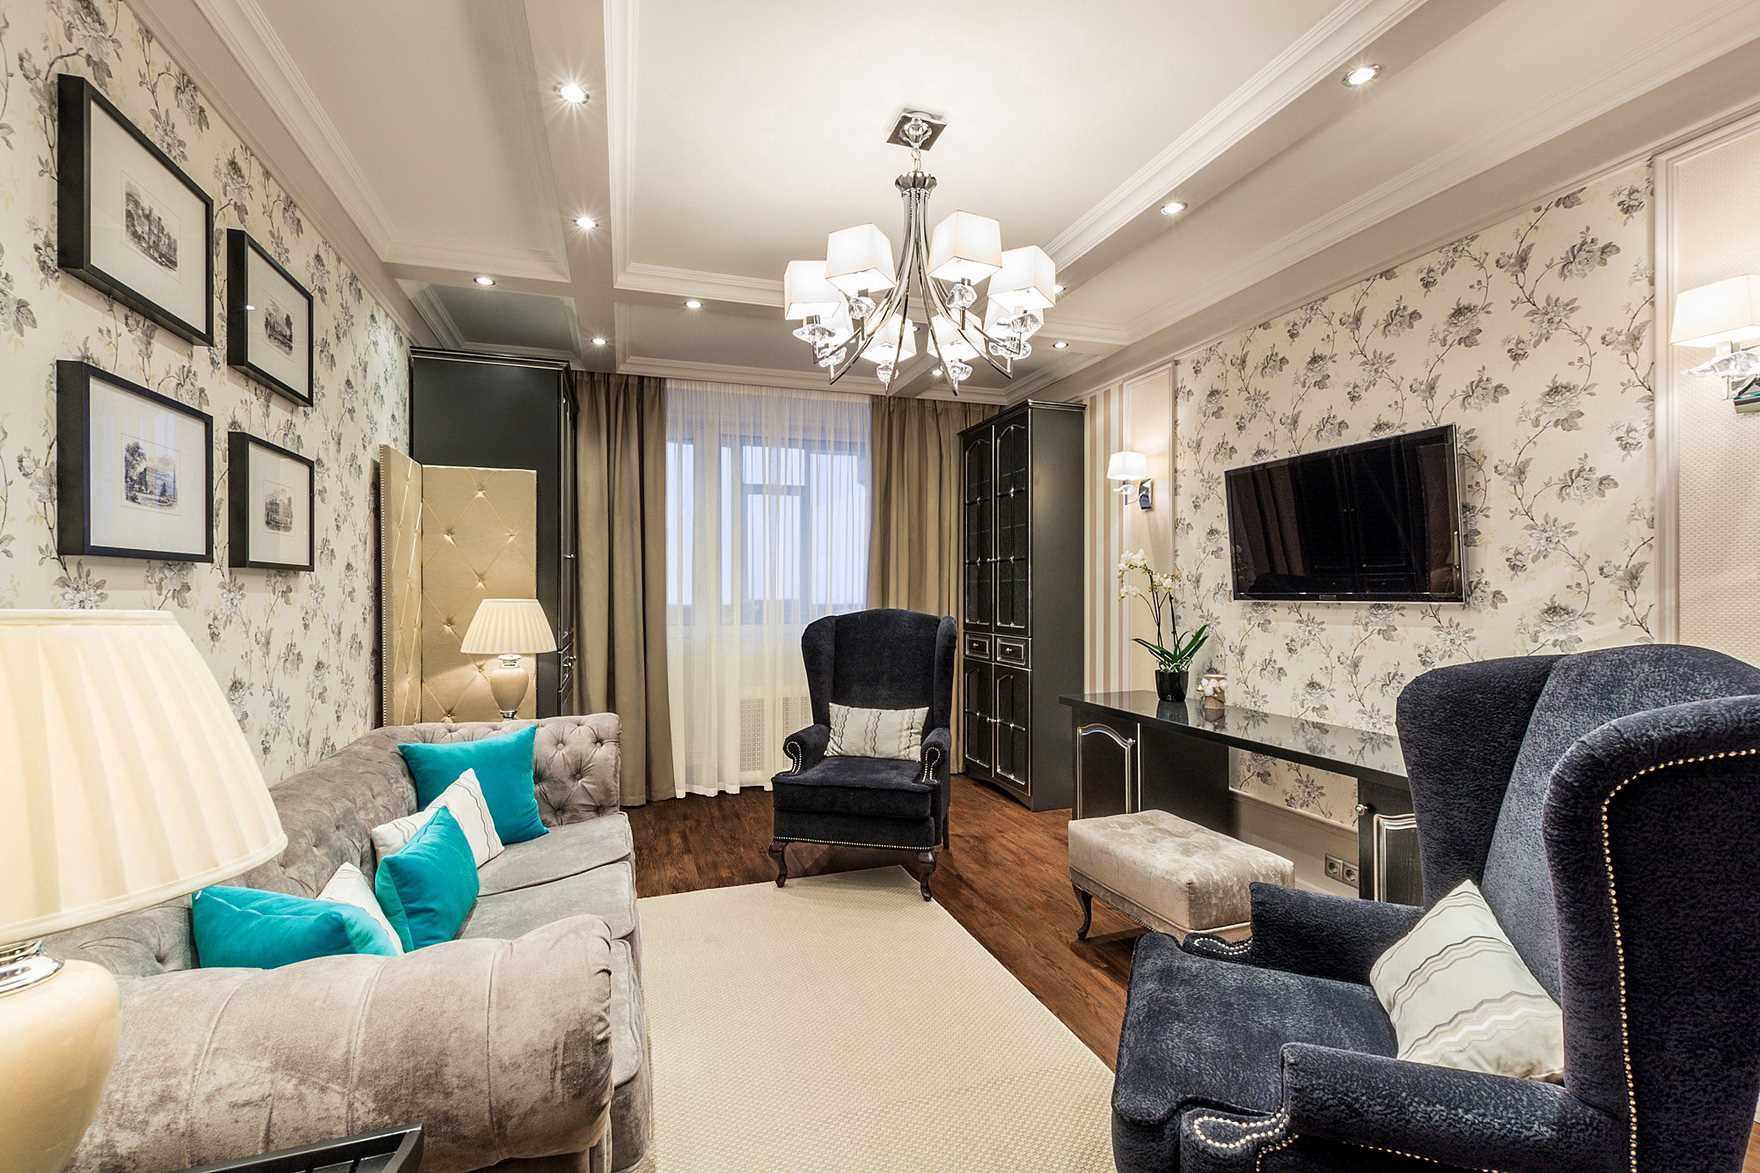 Một ví dụ về thiết kế sáng sủa của phòng khách 19-20 m2